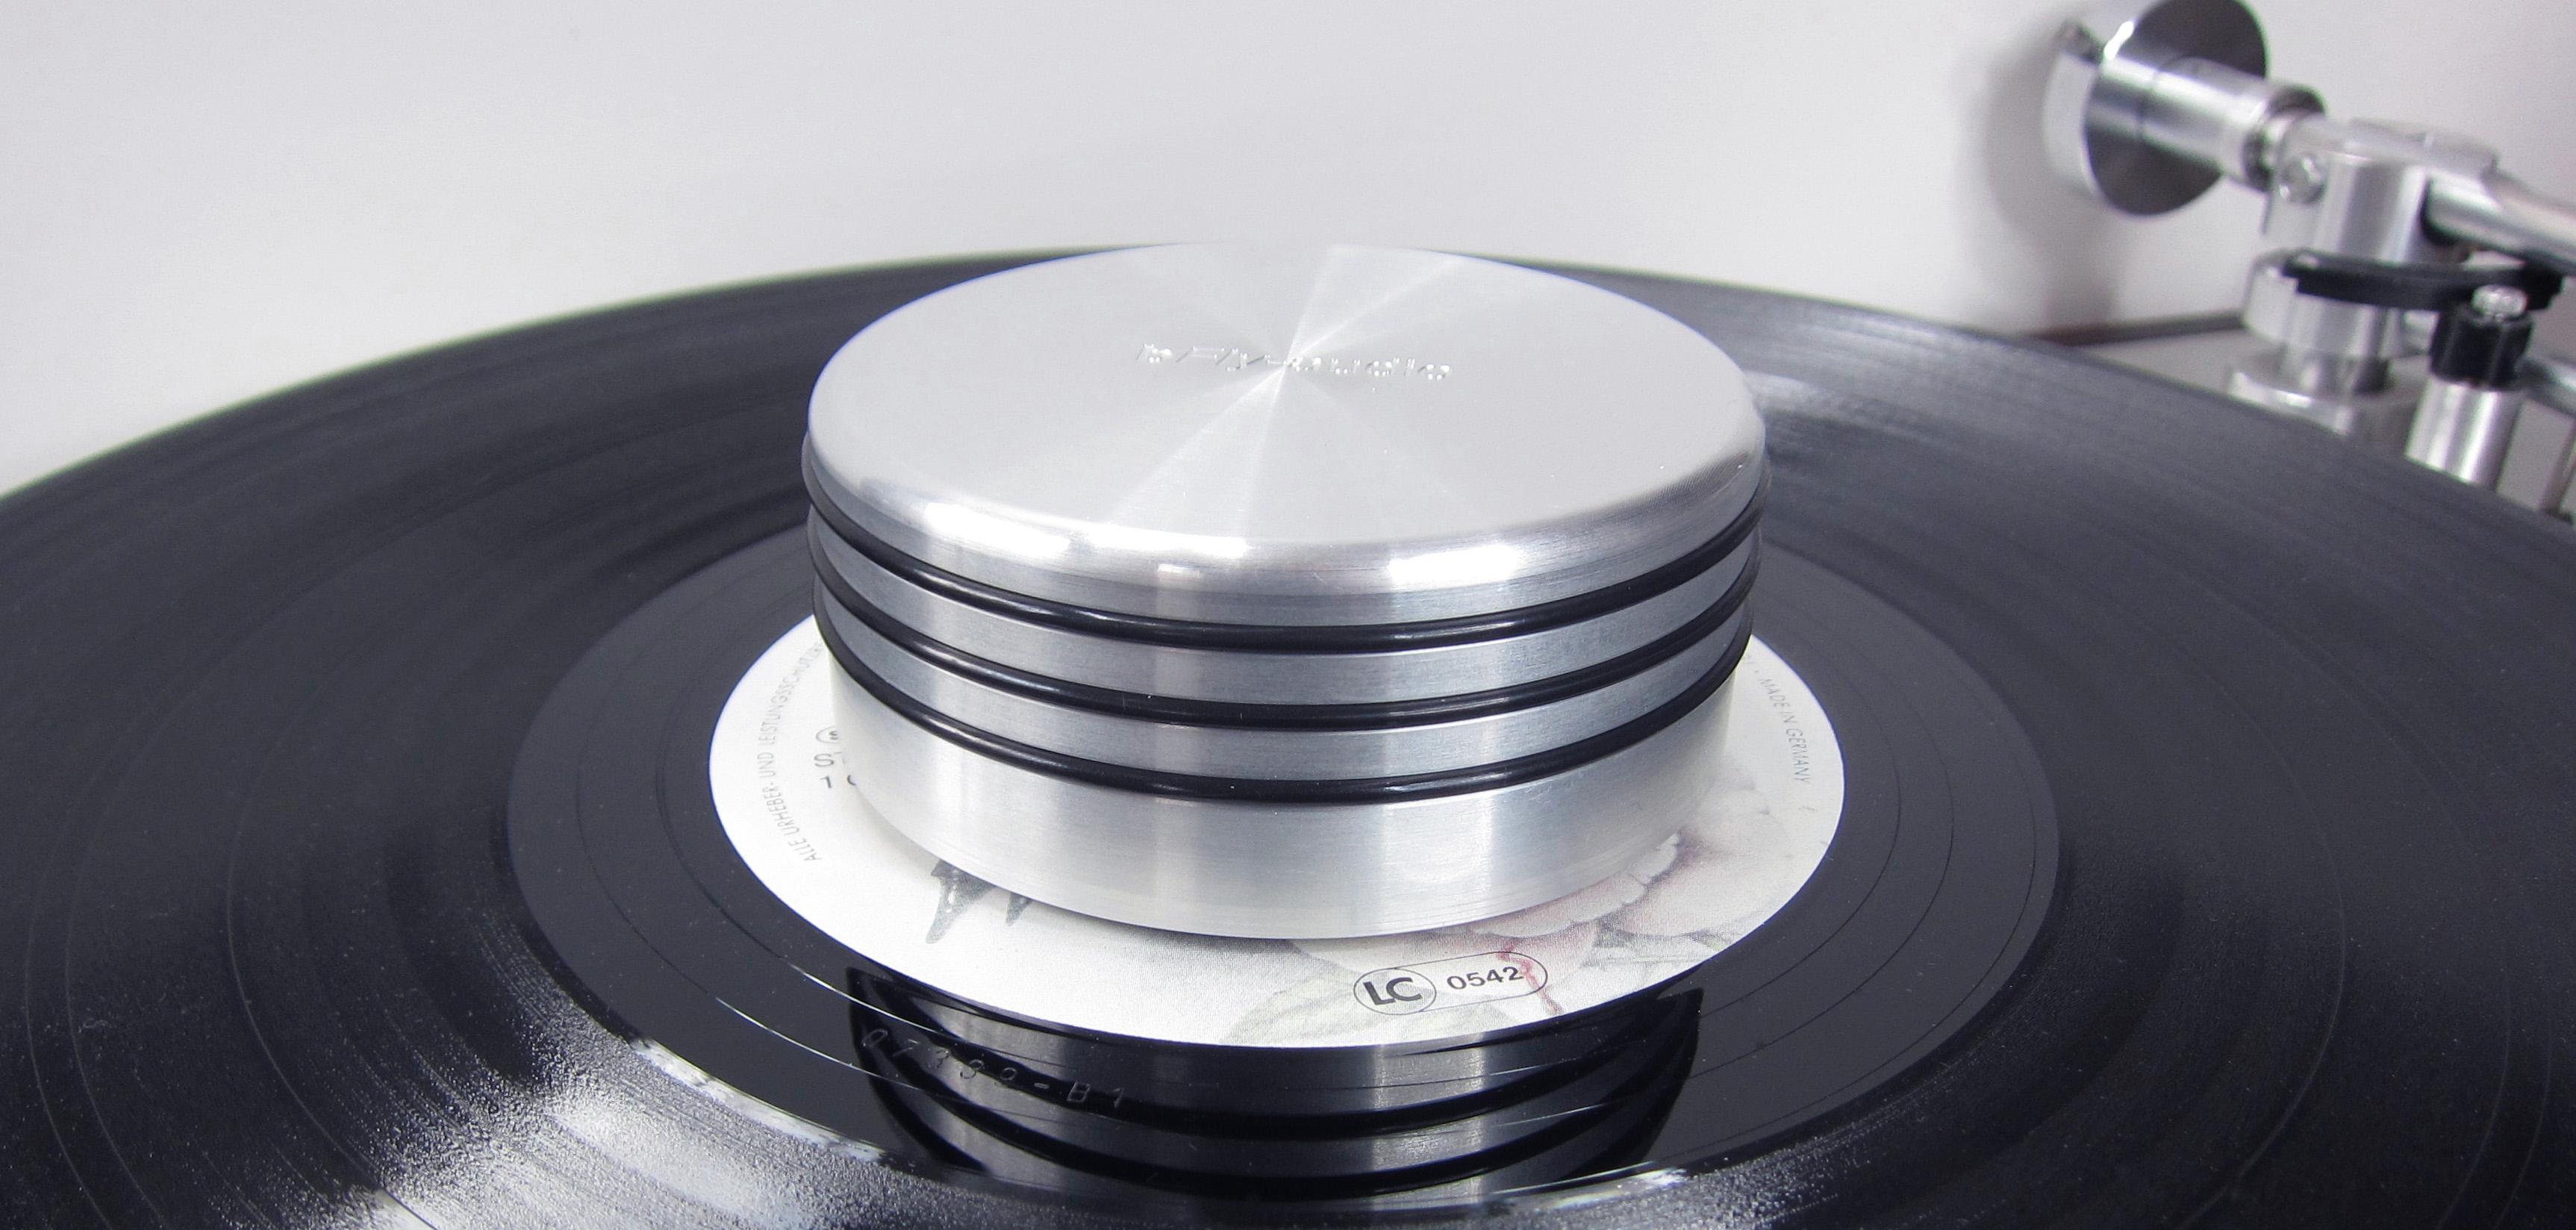 Bfly_Audio_Schallplattengewicht_Highend_Studio_Bremen_Tuning_PG1_flach